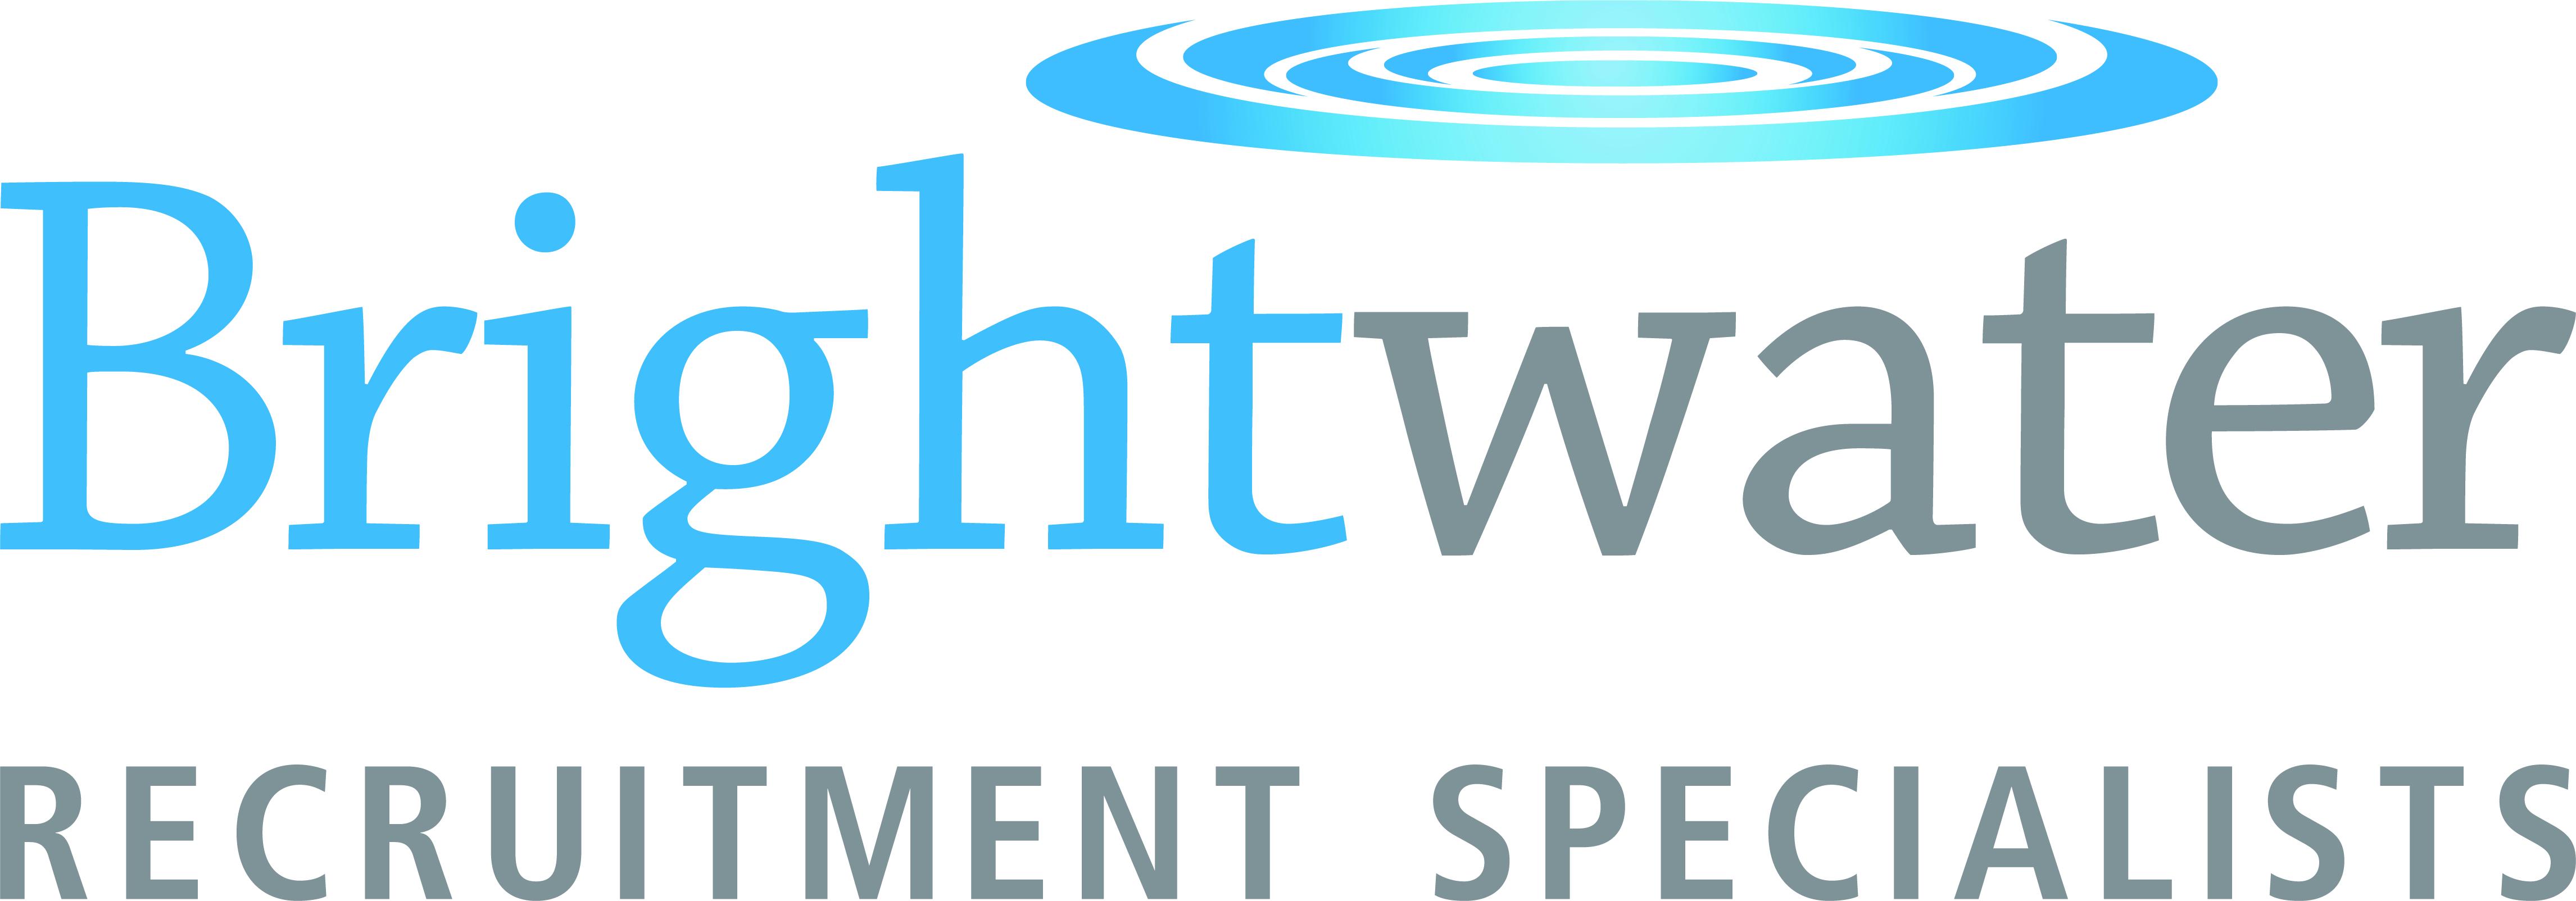 Jobs Dublin Cork Brightwater Recruitment